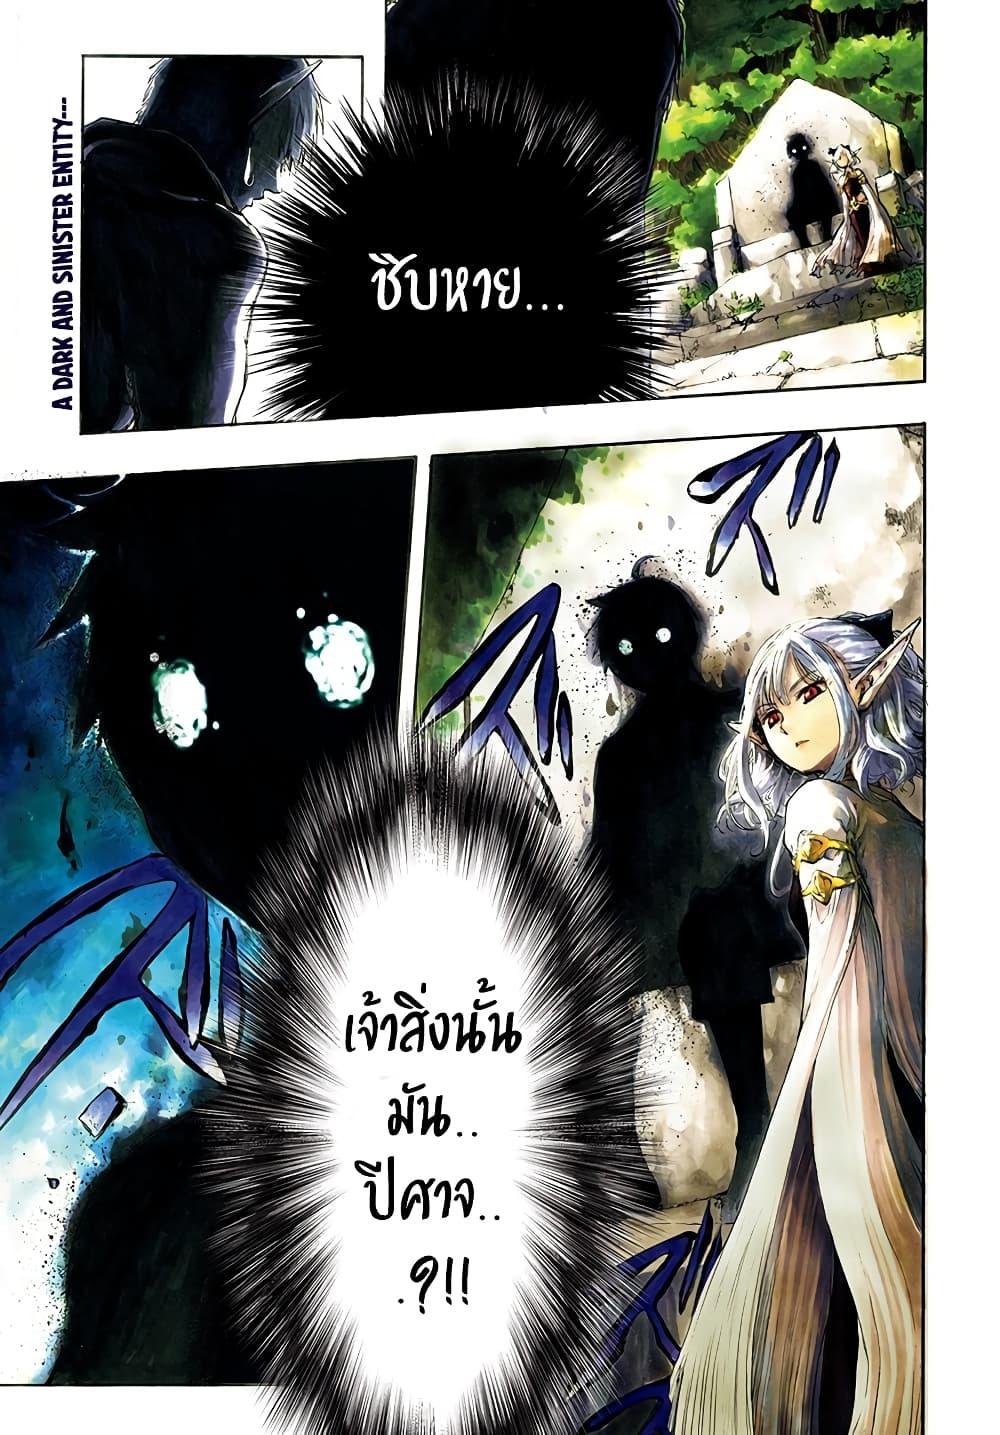 อ่านการ์ตูน Isekai Apocalypse MYNOGHRA ~The Conquest of the World Starts With the Civilization of Ruin~ ตอนที่ 1 หน้าที่ 2